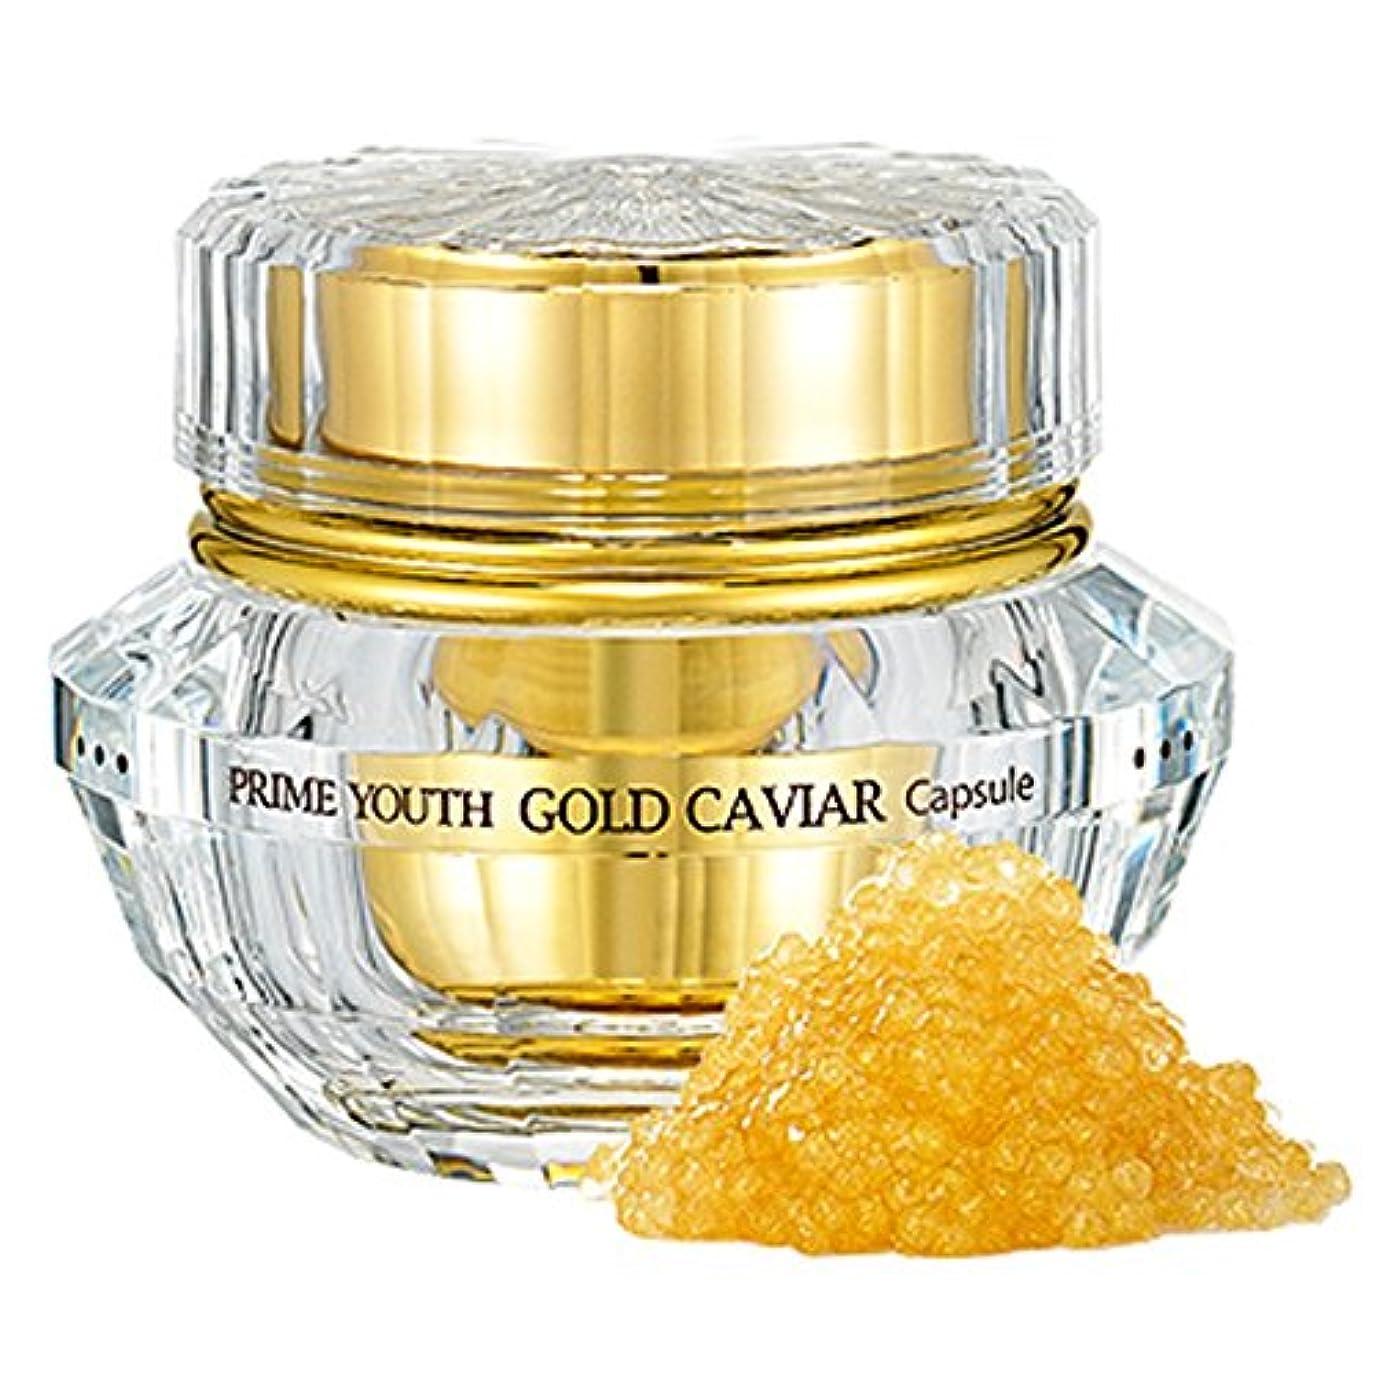 トレード主観的秀でるプライムユースゴールドキャビアカプセルprime youth gold caviar capsule 50g 001-MI [並行輸入品]